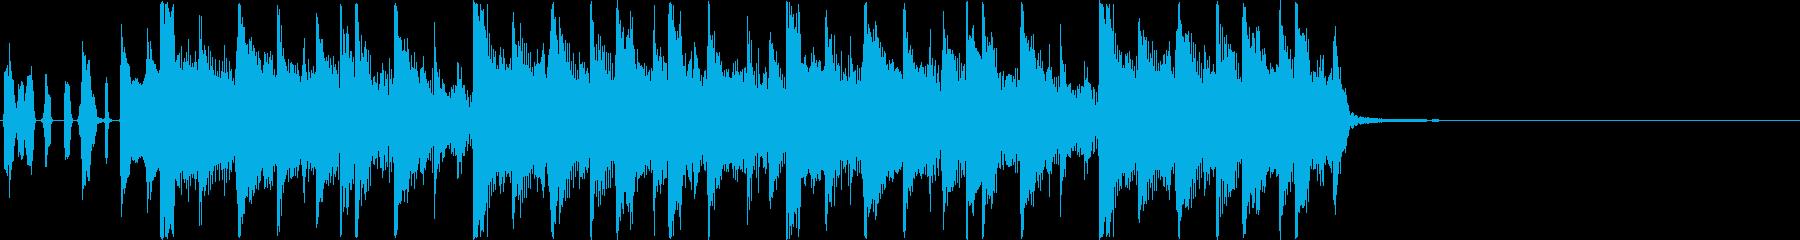 【ジングル・掛声なし】和楽器HIPHOPの再生済みの波形